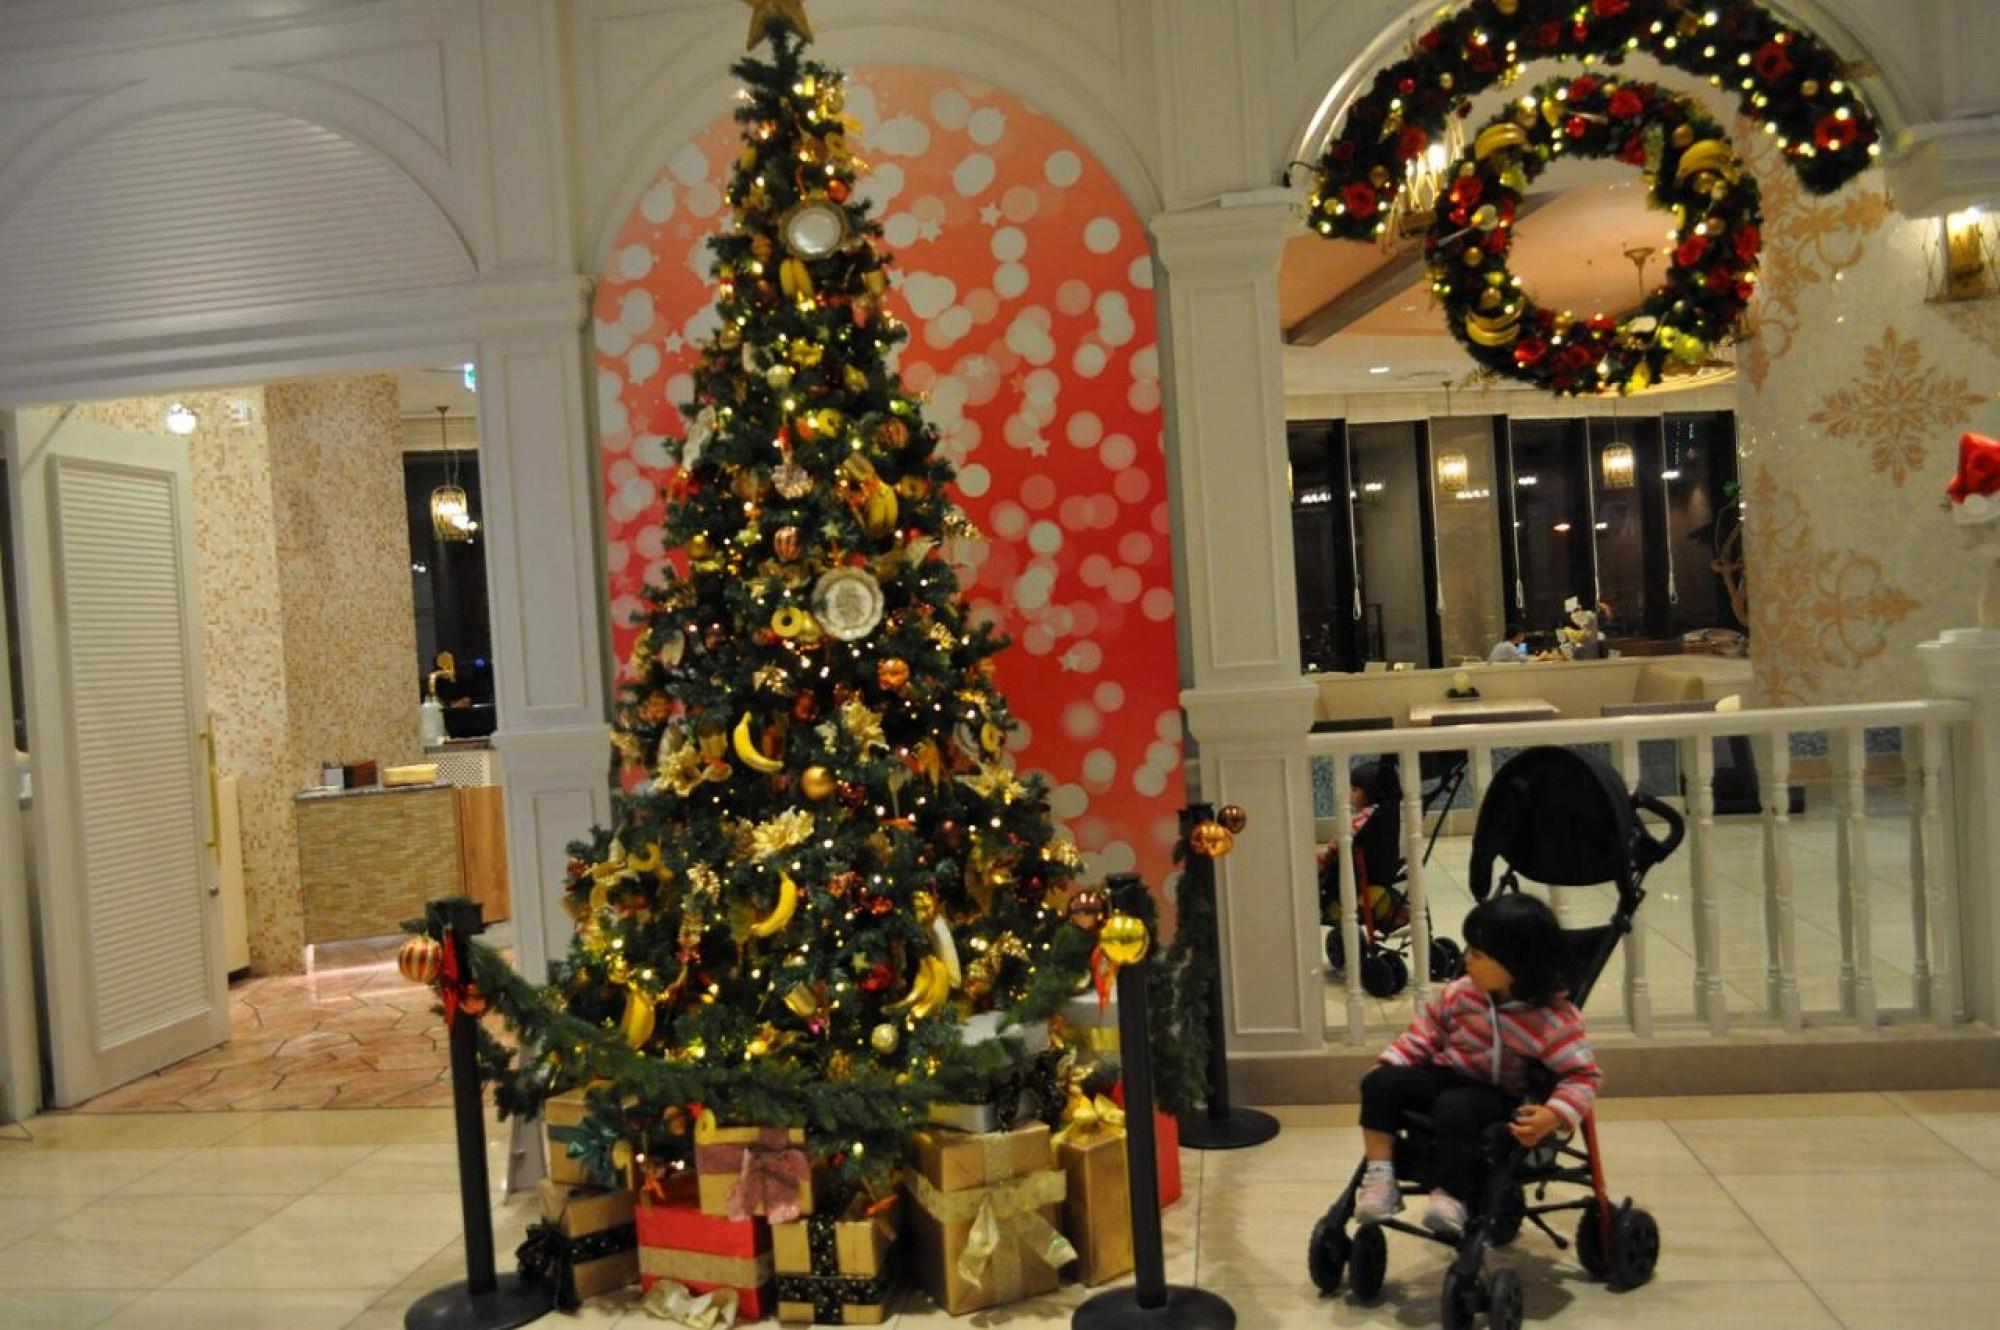 パークフロントホテルのレストランにはバナナの装飾が面白いツリーが登場(2018年冬)